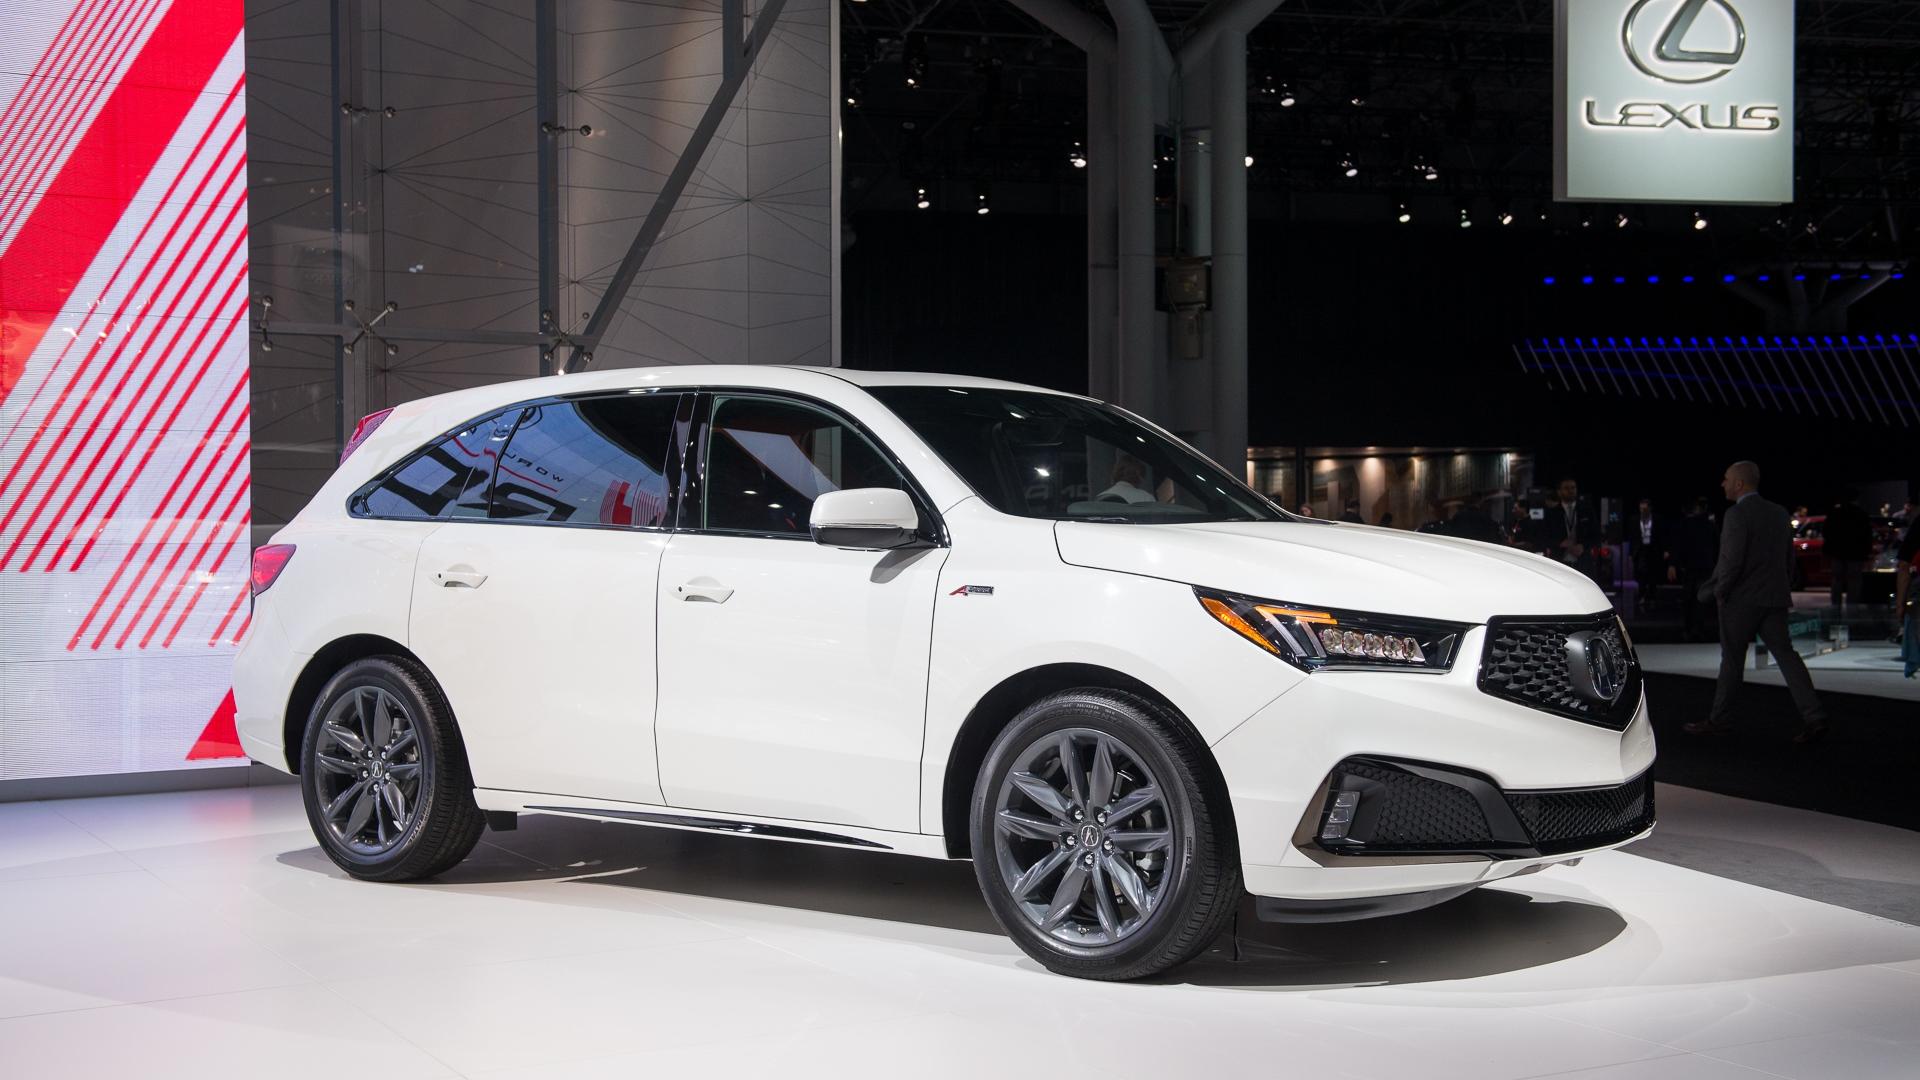 37 New 2020 Acura Mdx Ny Auto Show Price with 2020 Acura Mdx Ny Auto Show